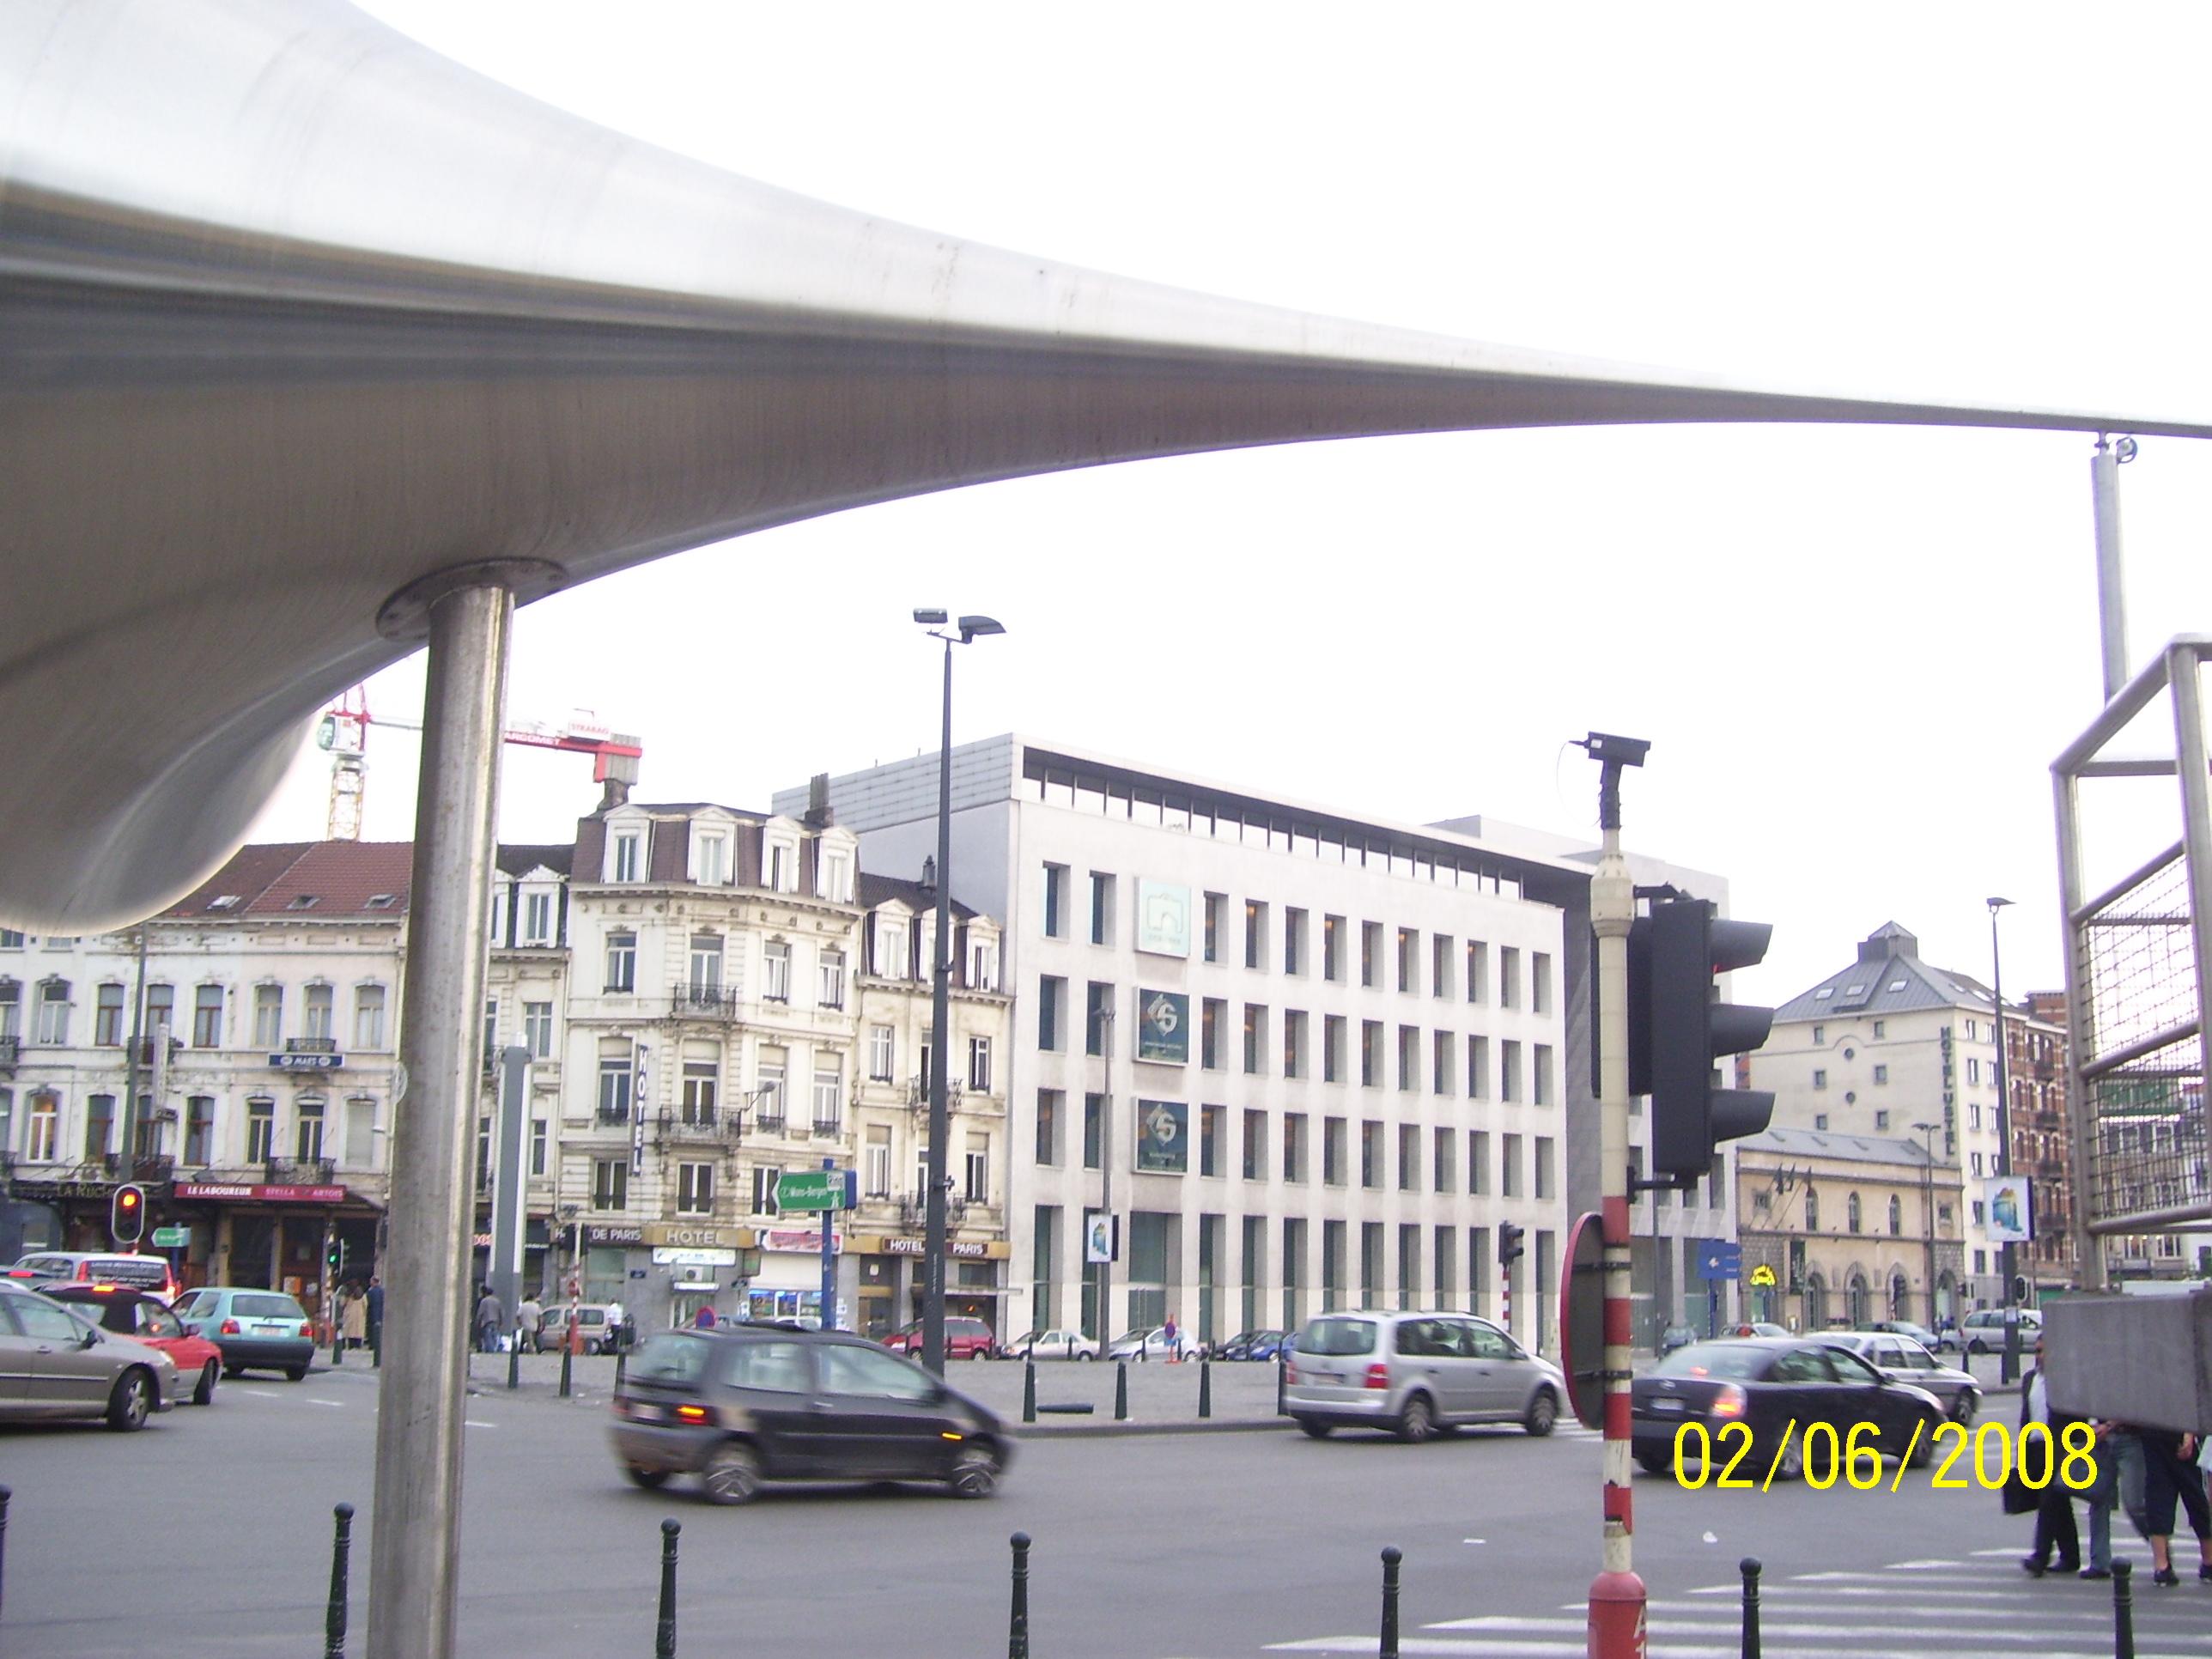 Centro di Bruxelles, capitale europea                                      FOTO di Aldo Ciummo